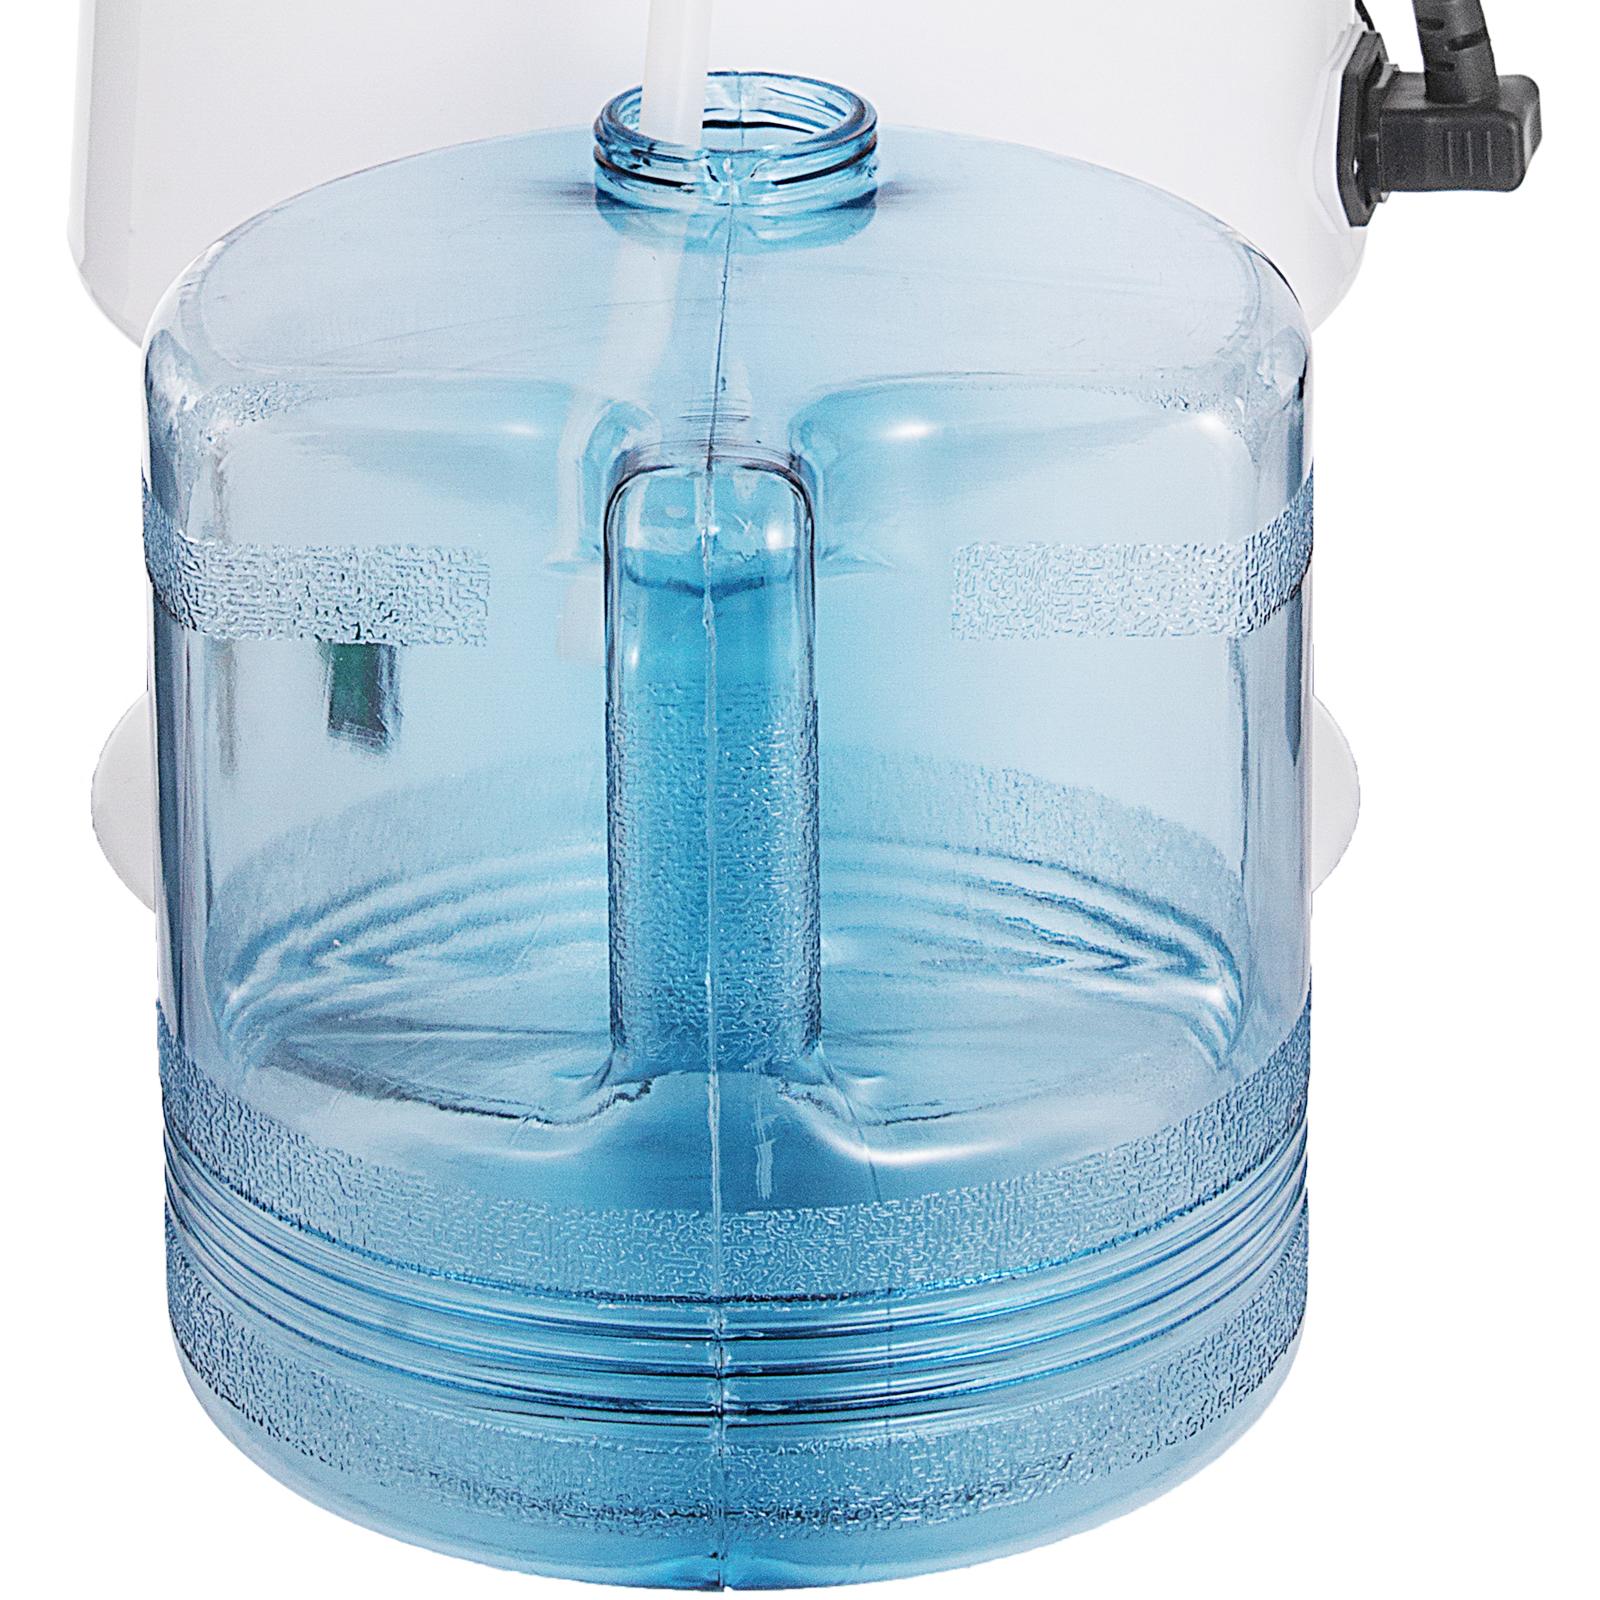 750W-4L-Wasser-Destilliergeraet-Water-Distiller-Einmachglas-Wasserflasche-Zuhause Indexbild 83